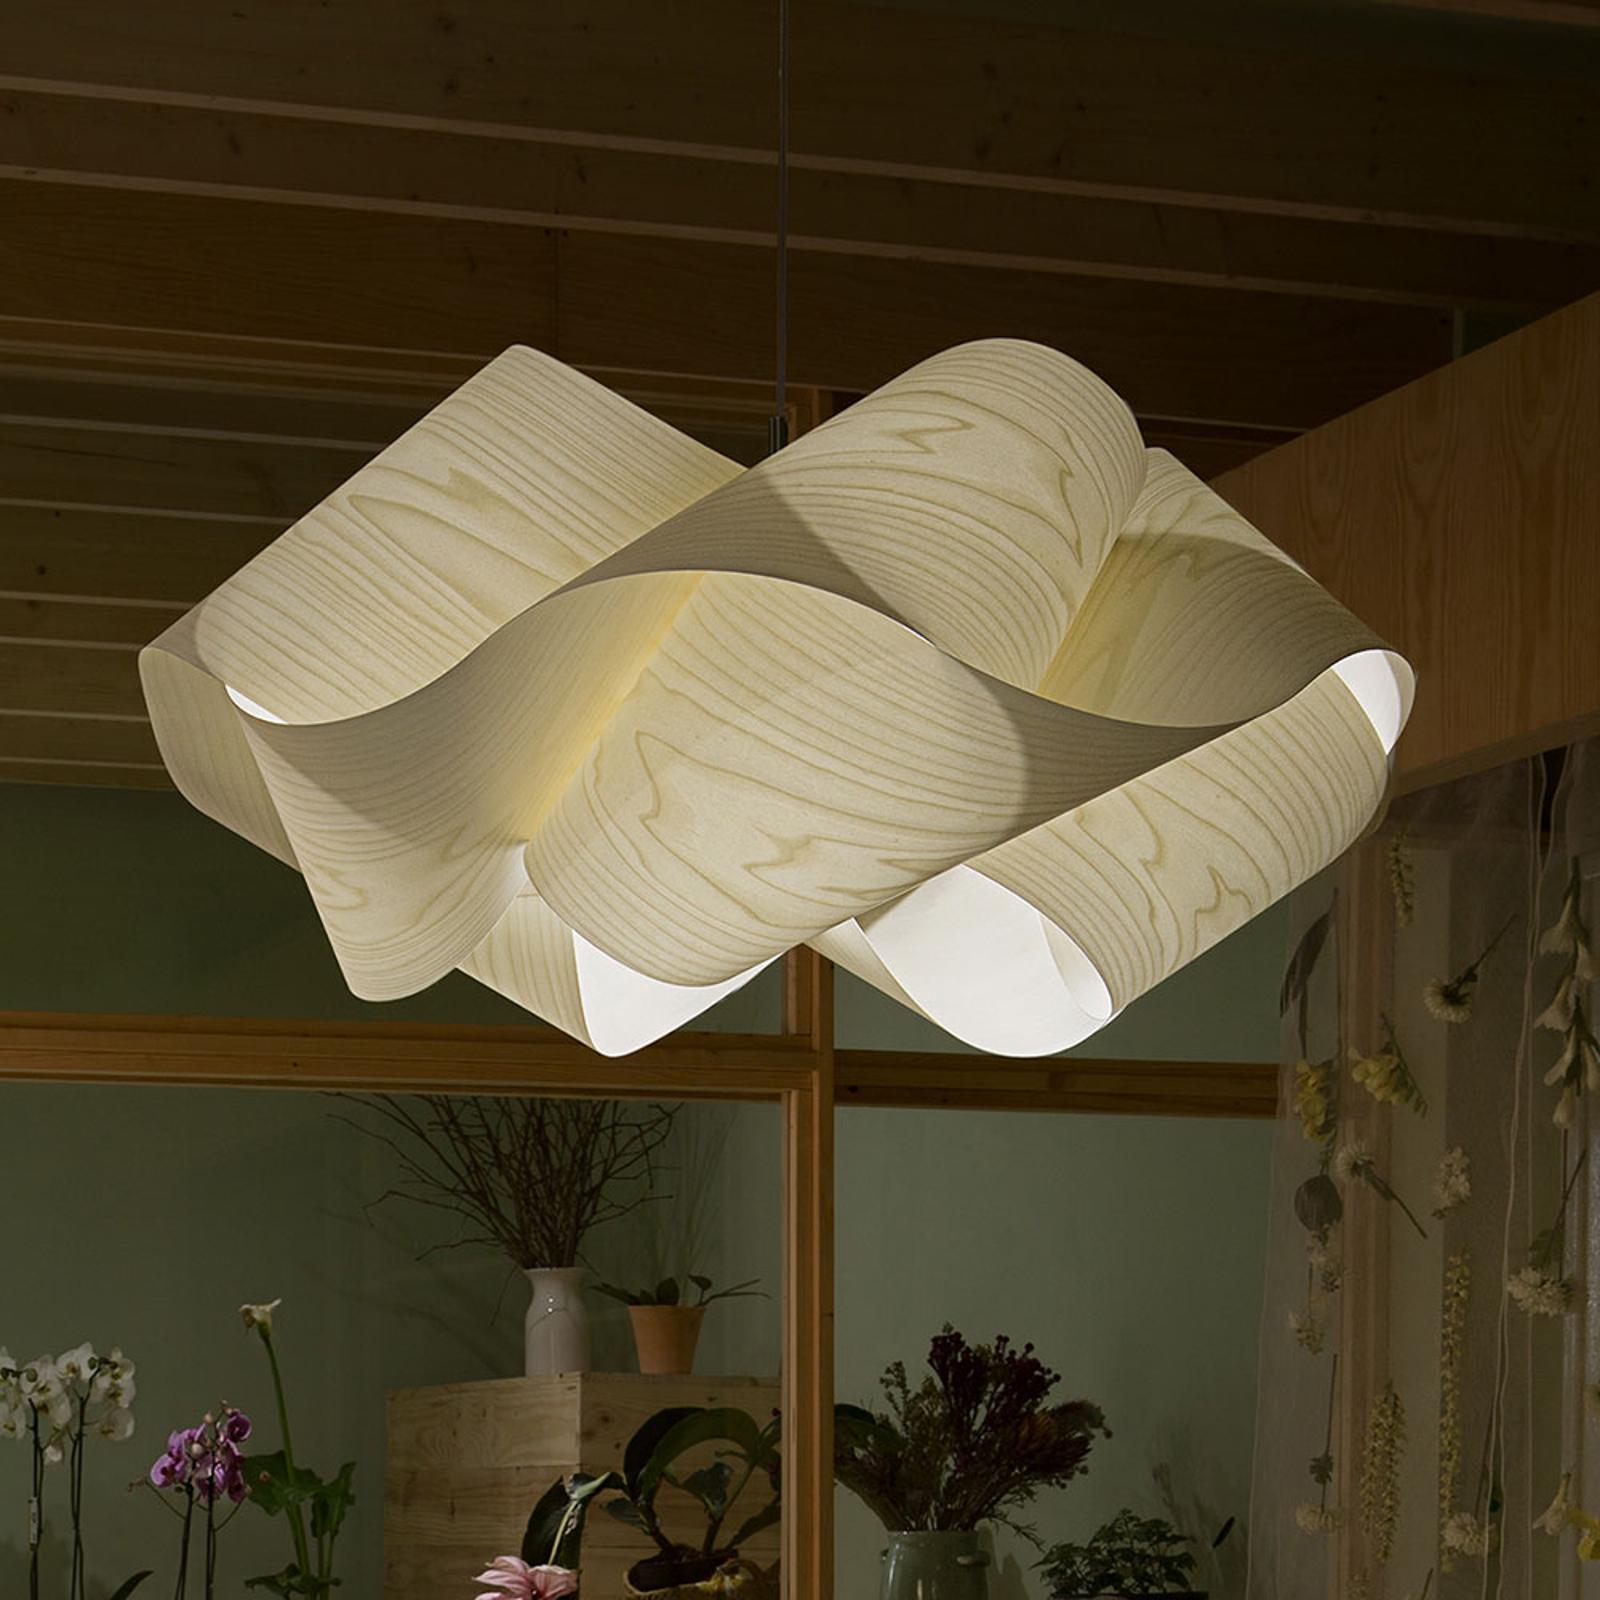 LZF Swirl lampa wisząca Ø 54 cm, kość słoniowa